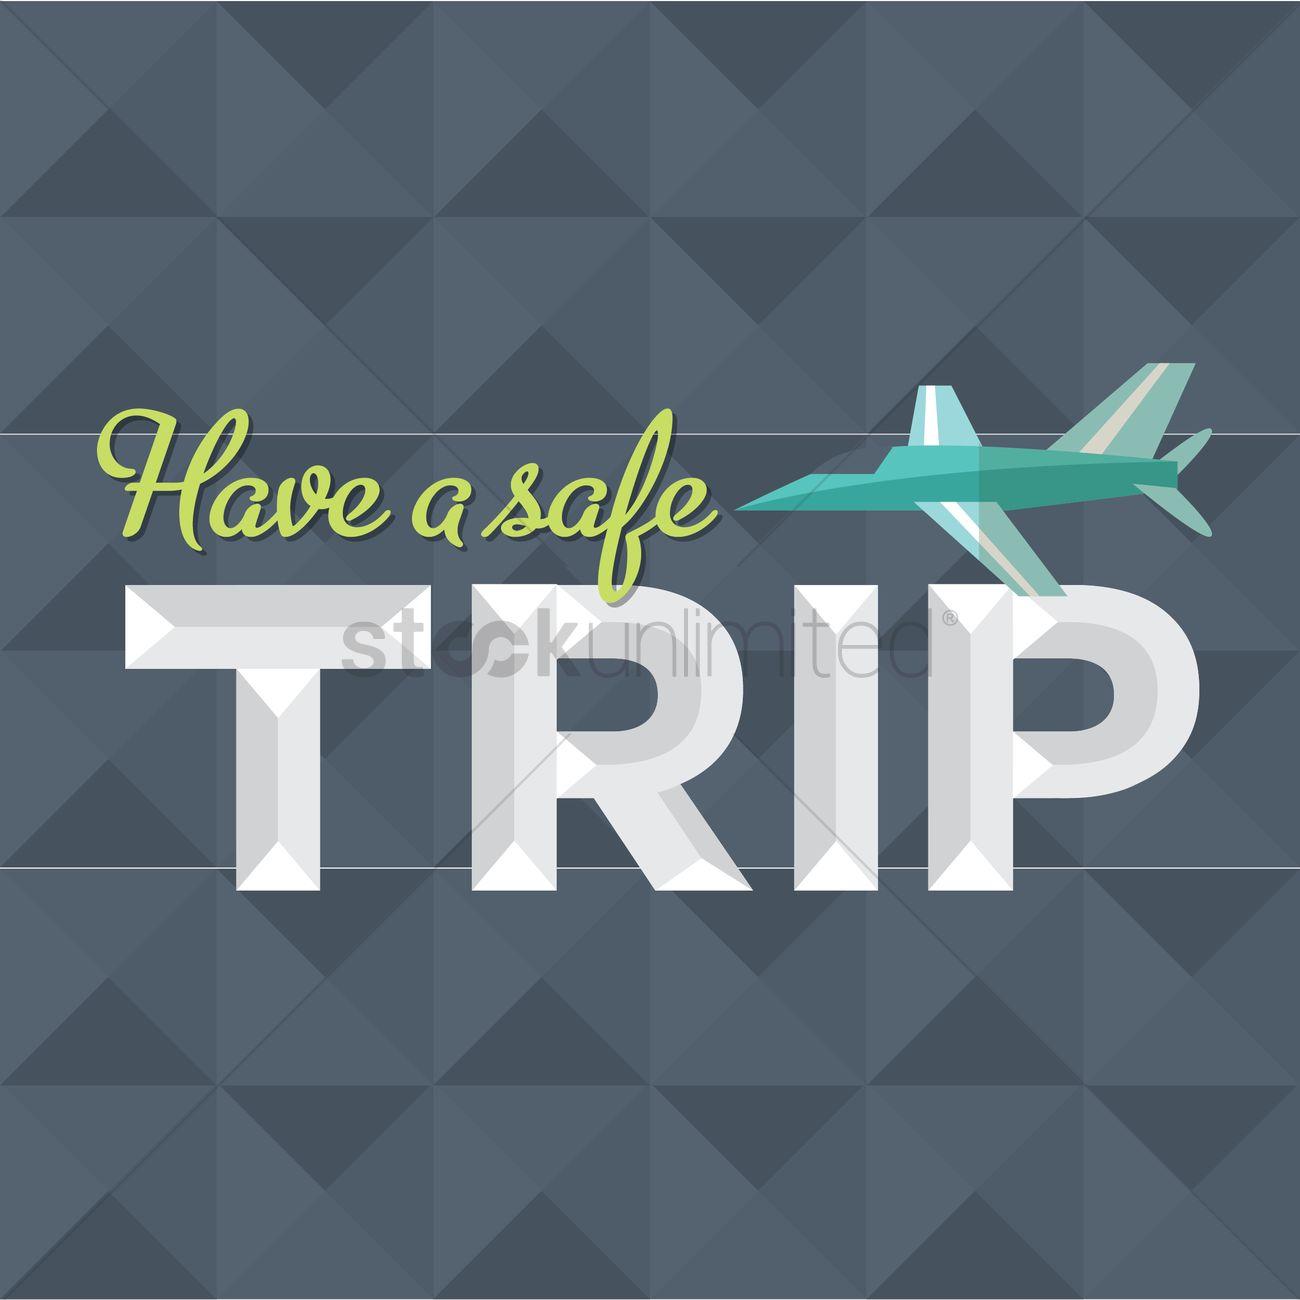 Safe Travel Message Design Vector Image 1419464